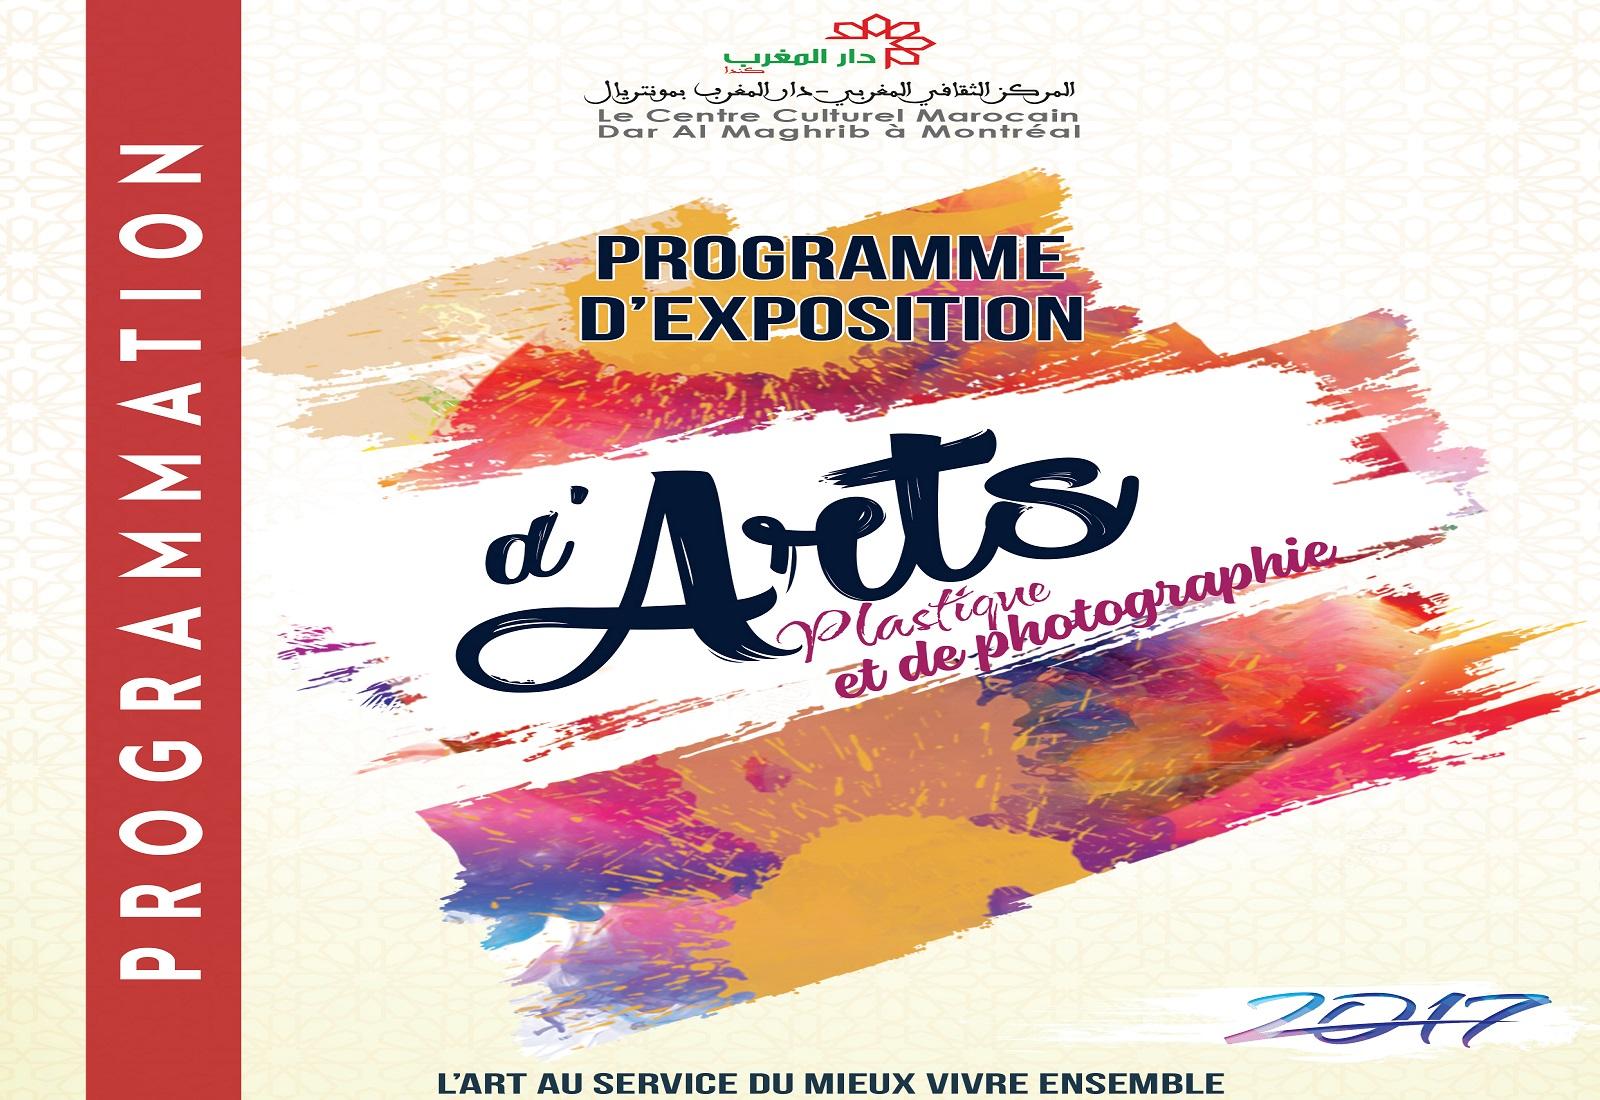 Programme d'exposition 2017″Arts plastique et photographie